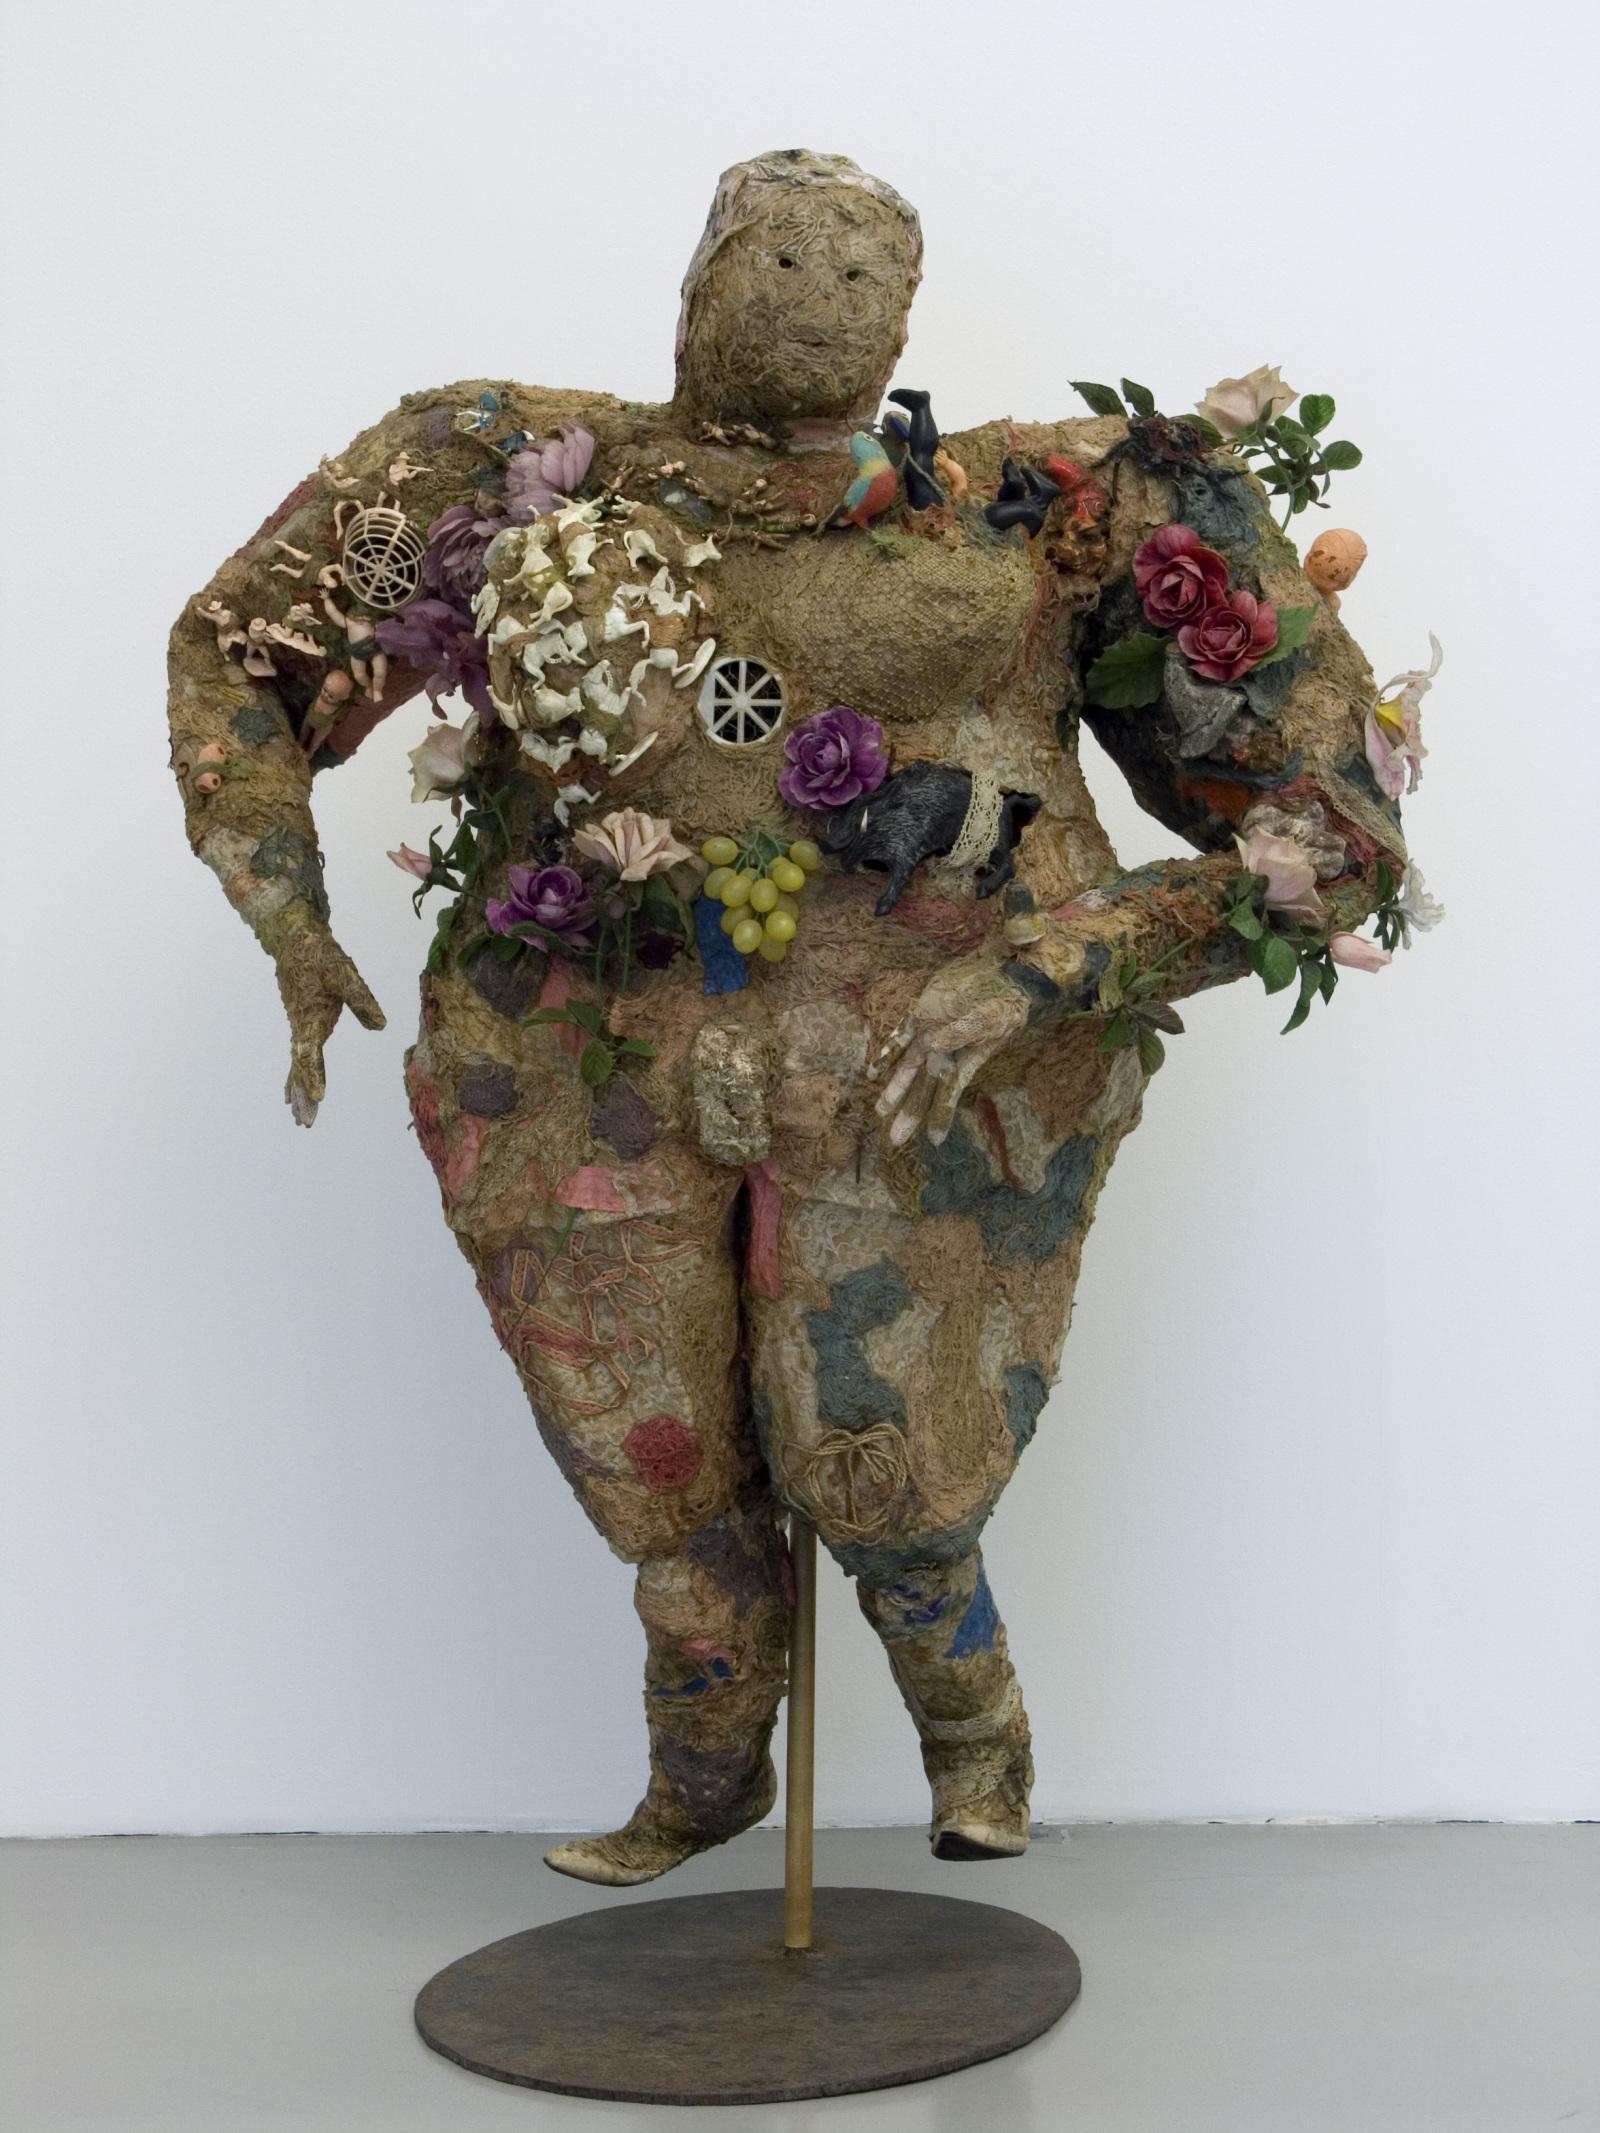 https://www.arts-in-the-city.com/wp-content/uploads/2018/08/niki-de-saint-phallevenus1964laine-objets-sur-grillagenice-mamacc-niki-charitable-art-foundation-adagp-parisc-photomuriel-anssensville-de-nic-1600x0.jpg